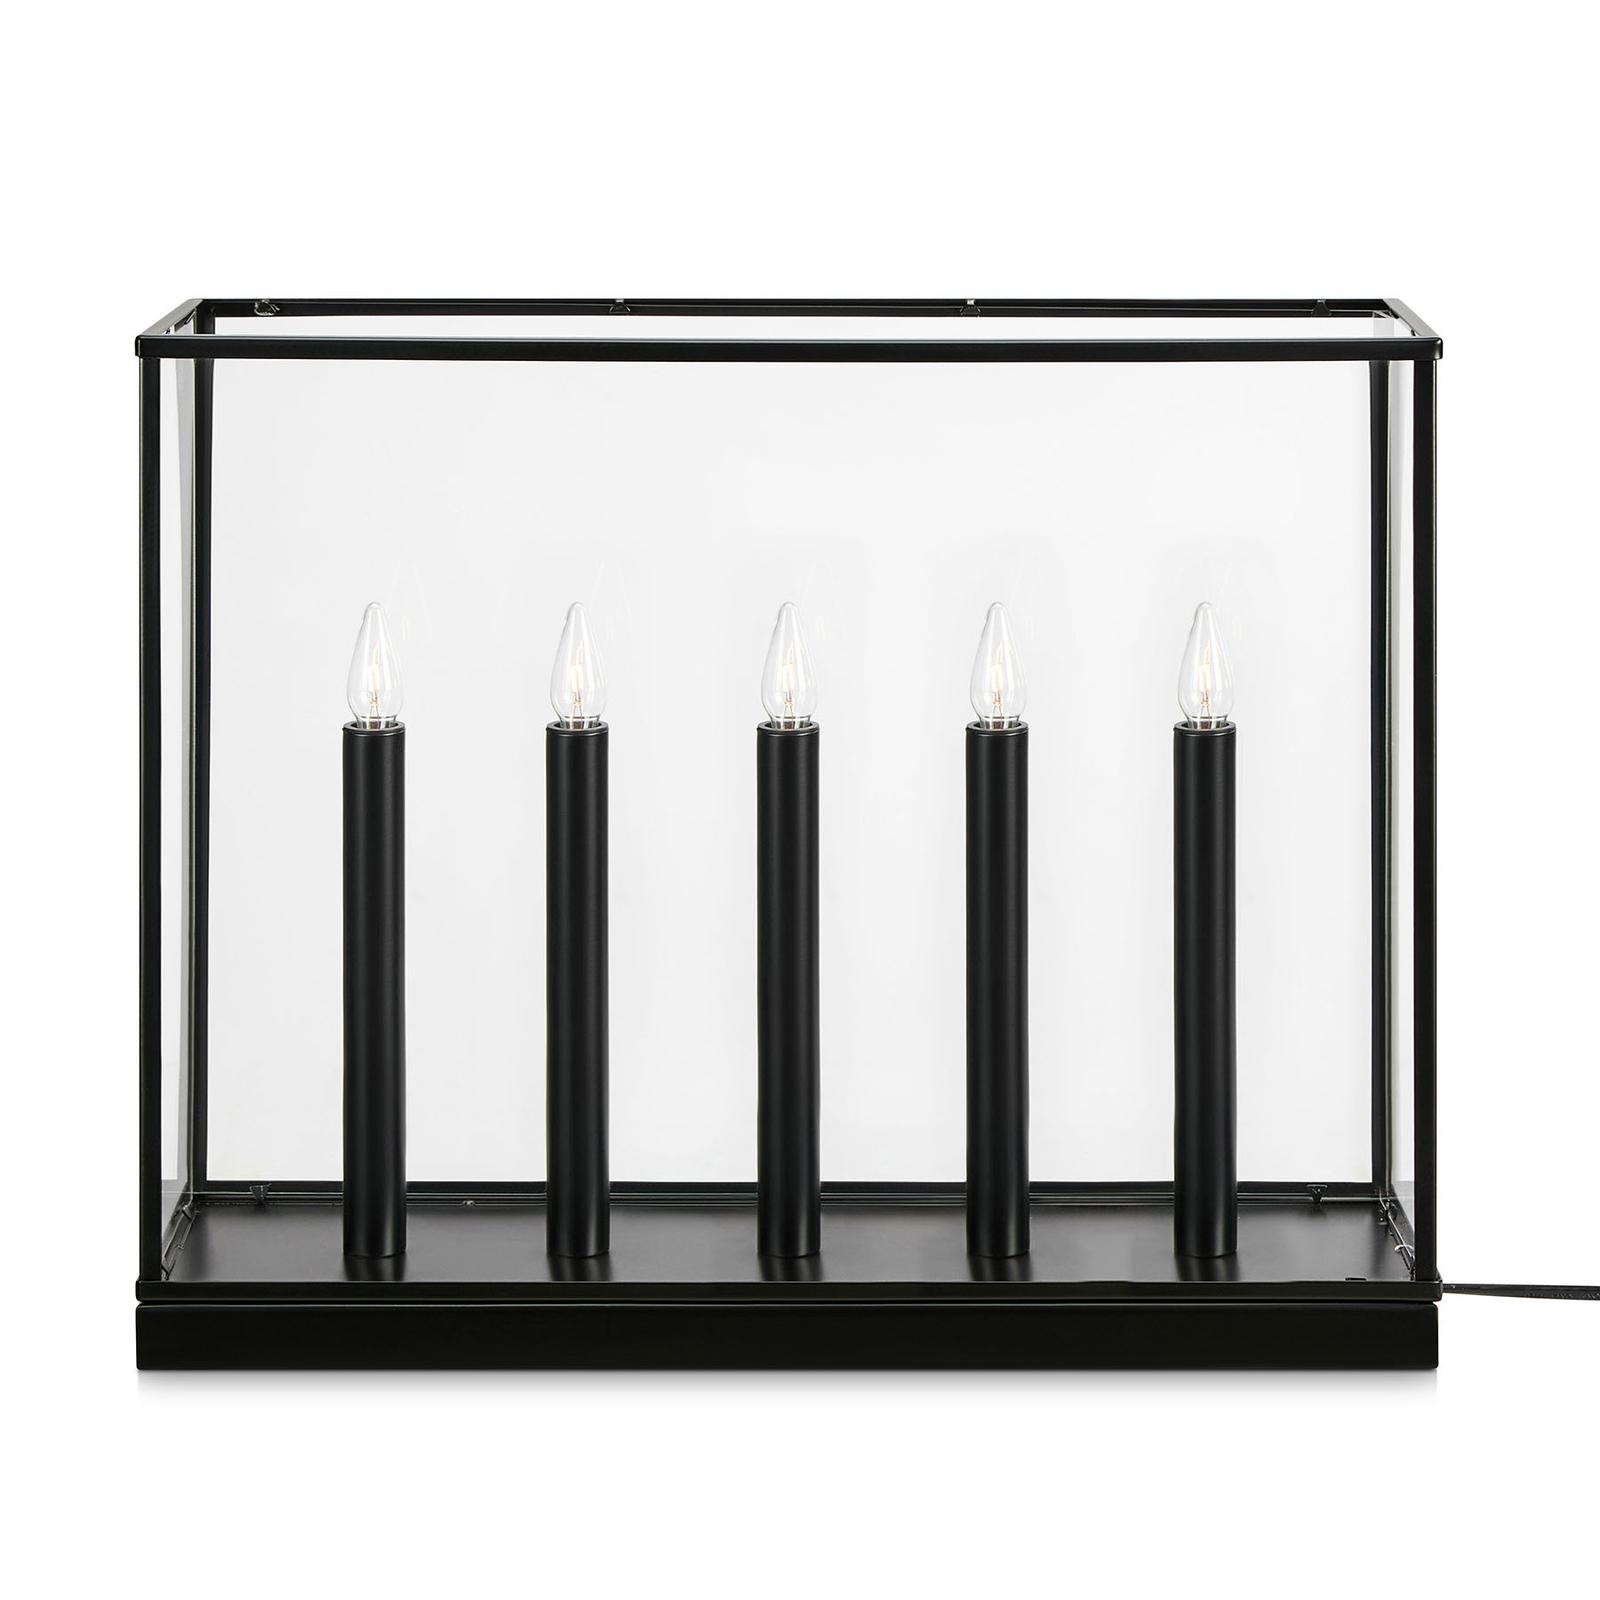 Kandelaar Imagine, 5-lamps, zwart